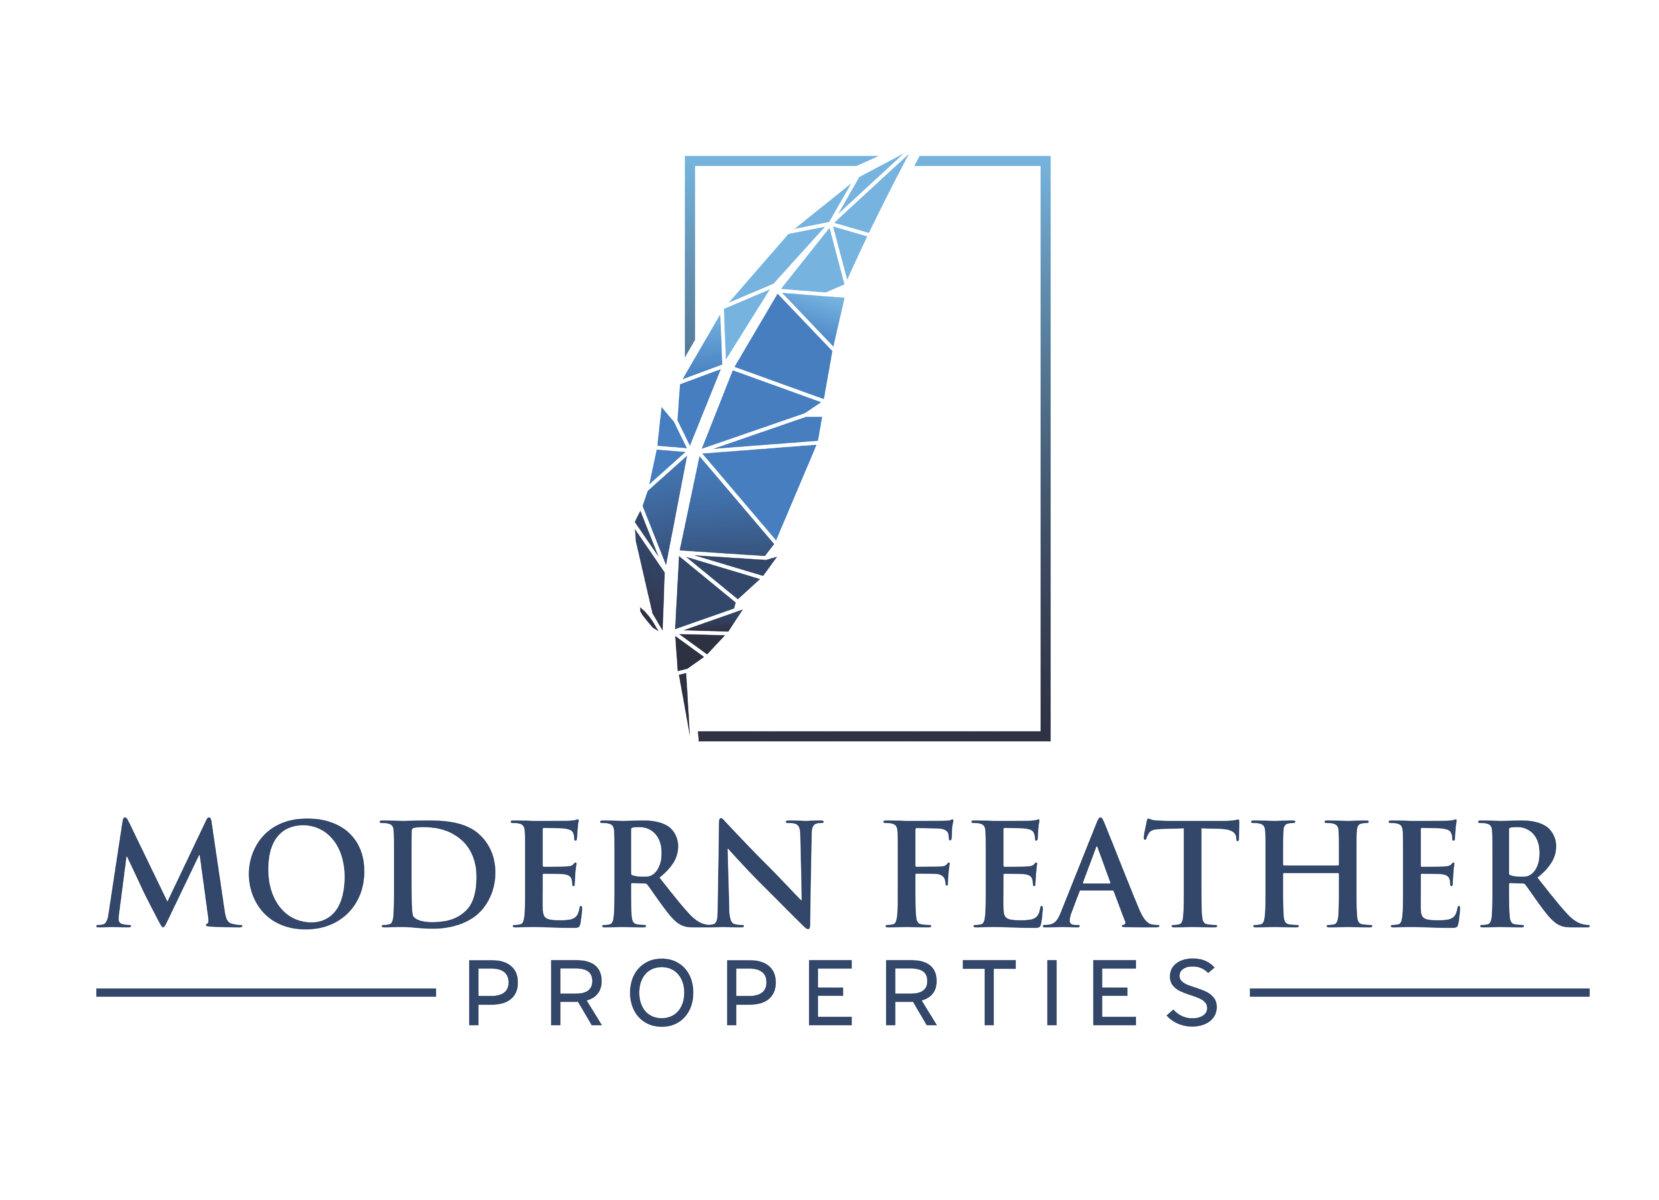 Modern Feather Properties logo